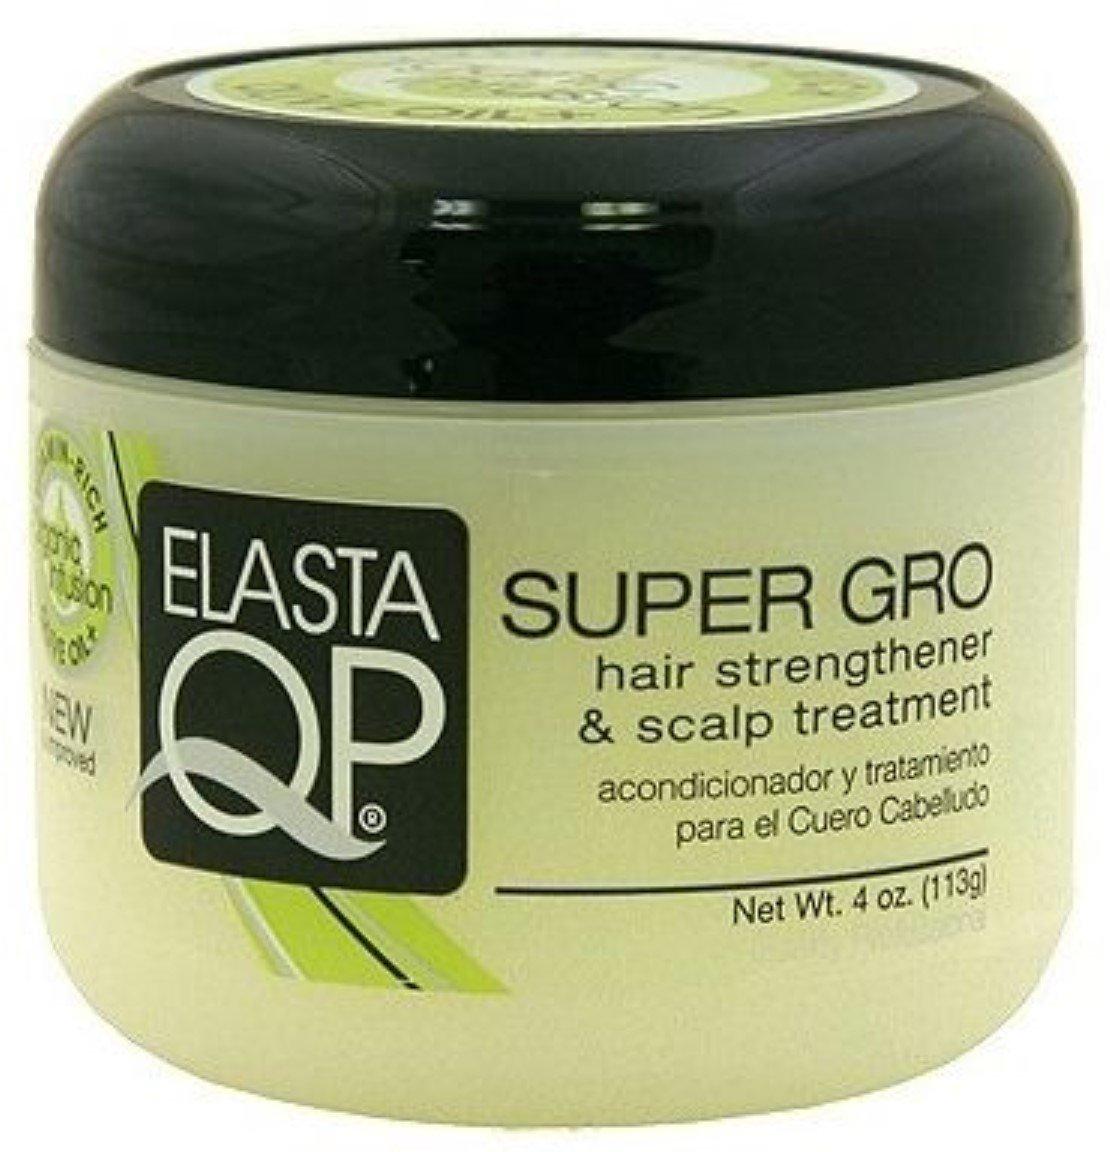 Elasta QP Super Gro Hair Strengthener & Scalp Treatment, 4 oz (Pack of 3)